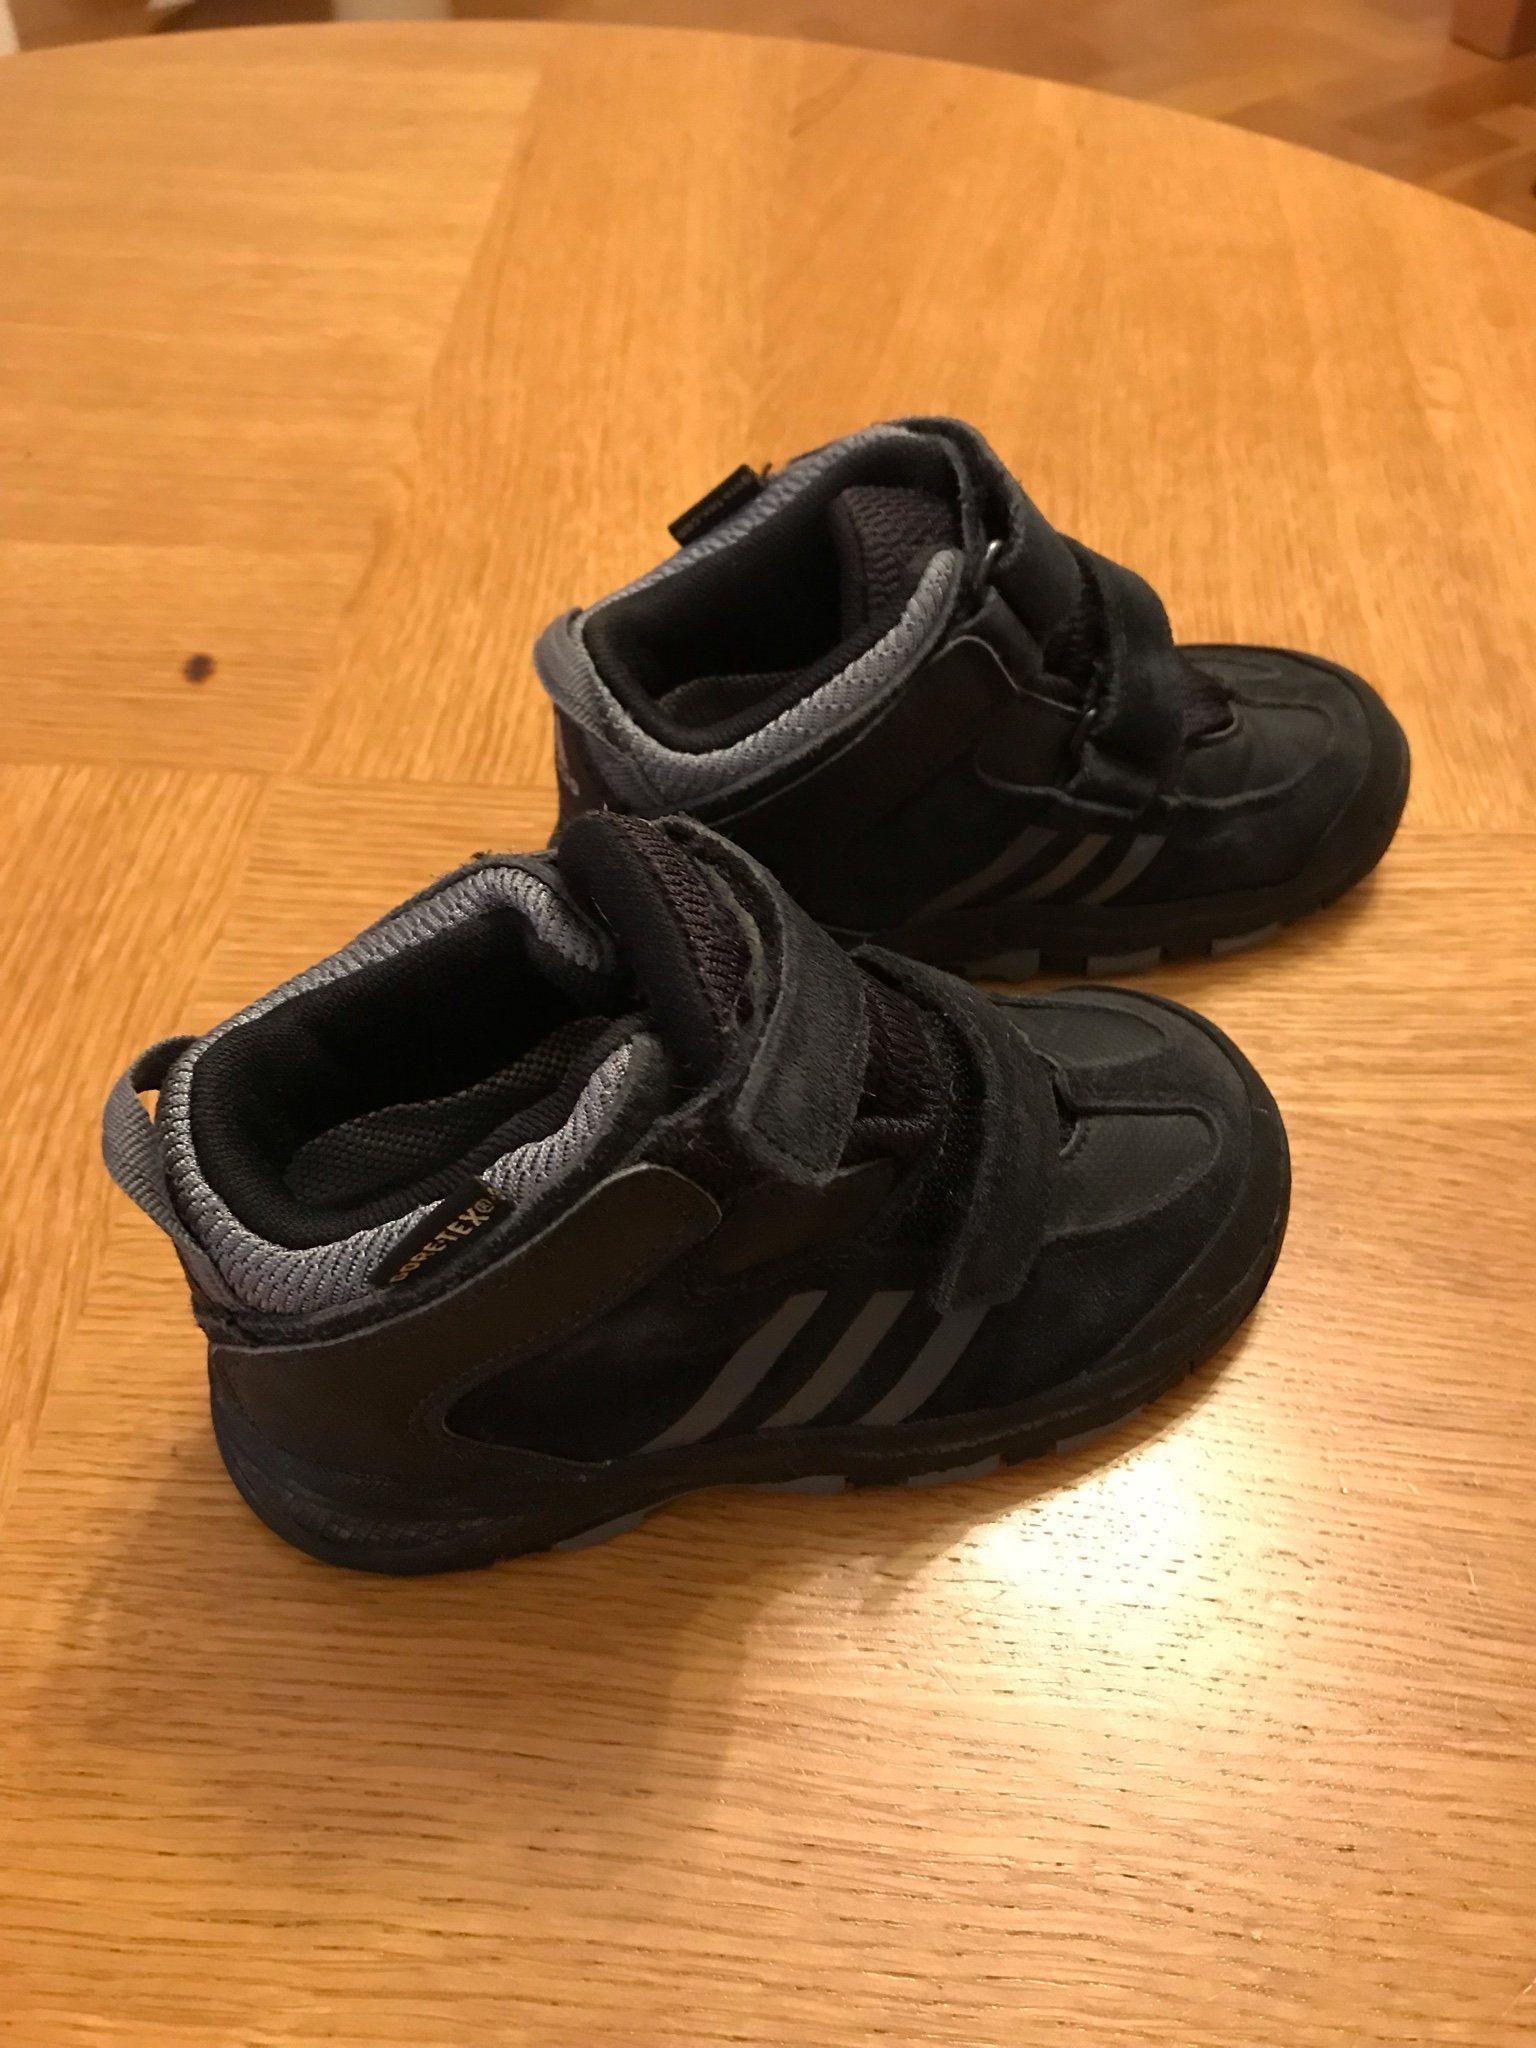 Adidas Goretex GTX skor stl 25 (145 mm) (340695706) ᐈ Köp på Tradera d83623eab3da1